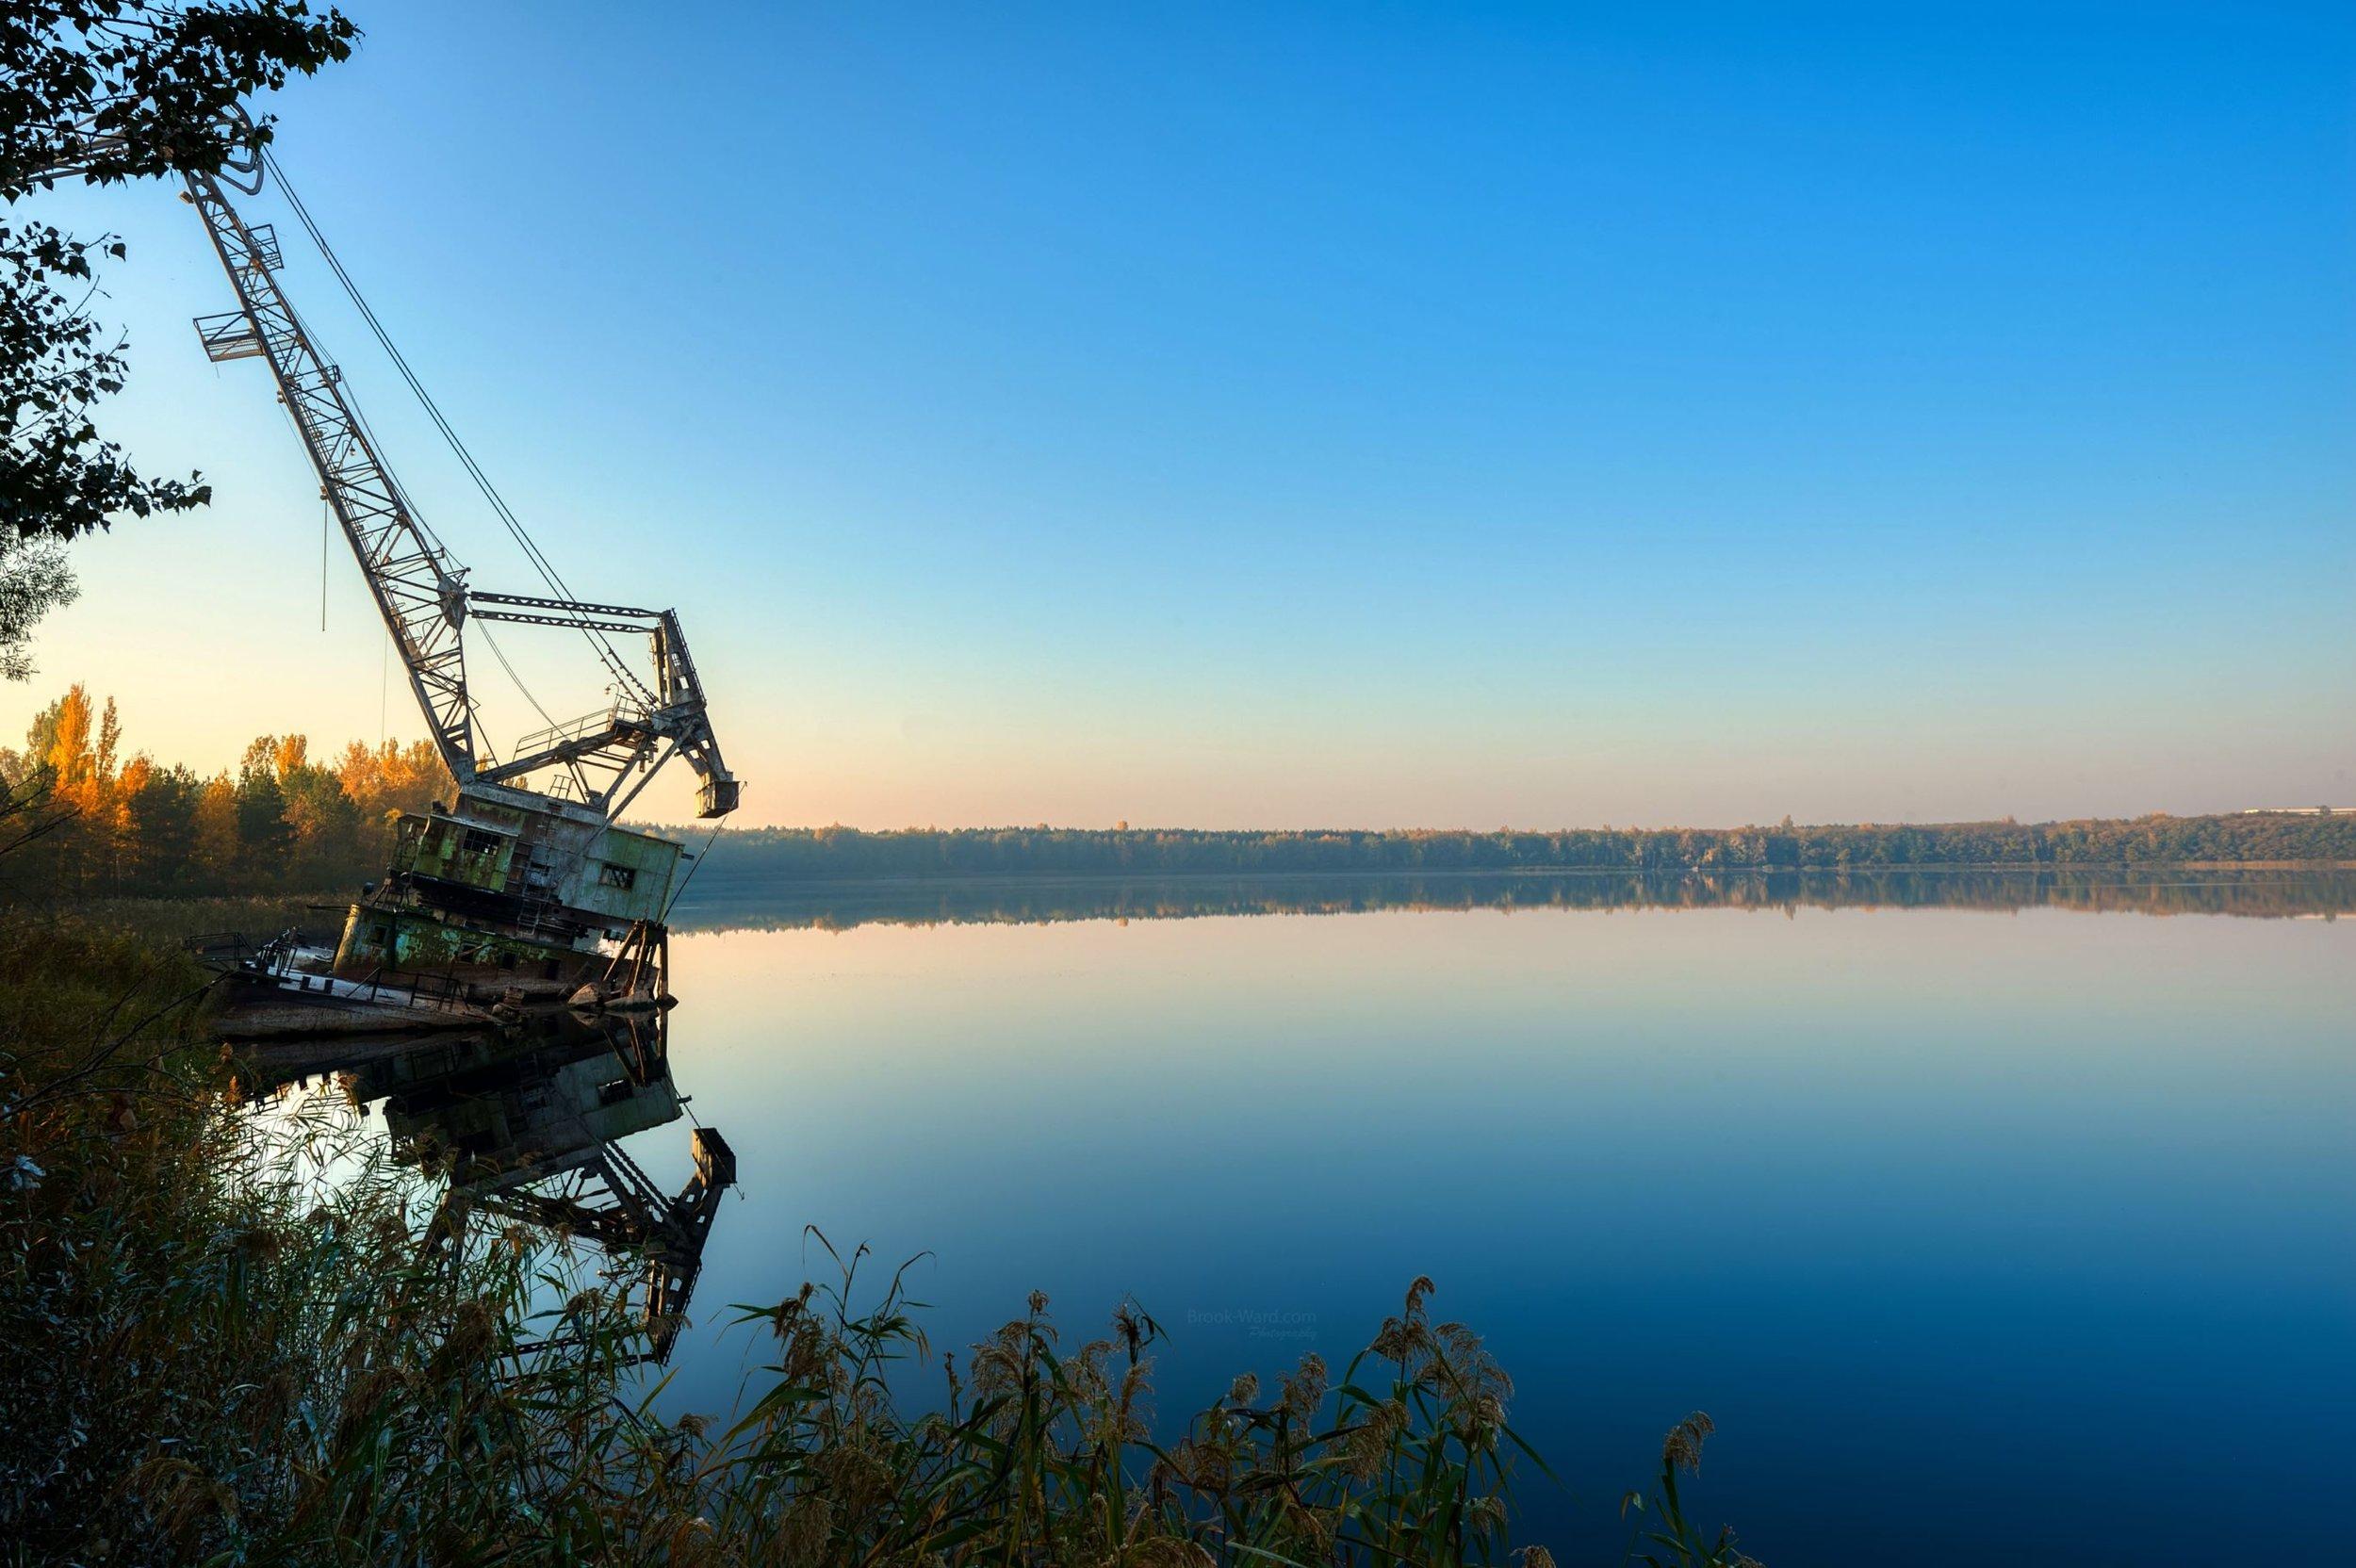 Pripyat River Crane